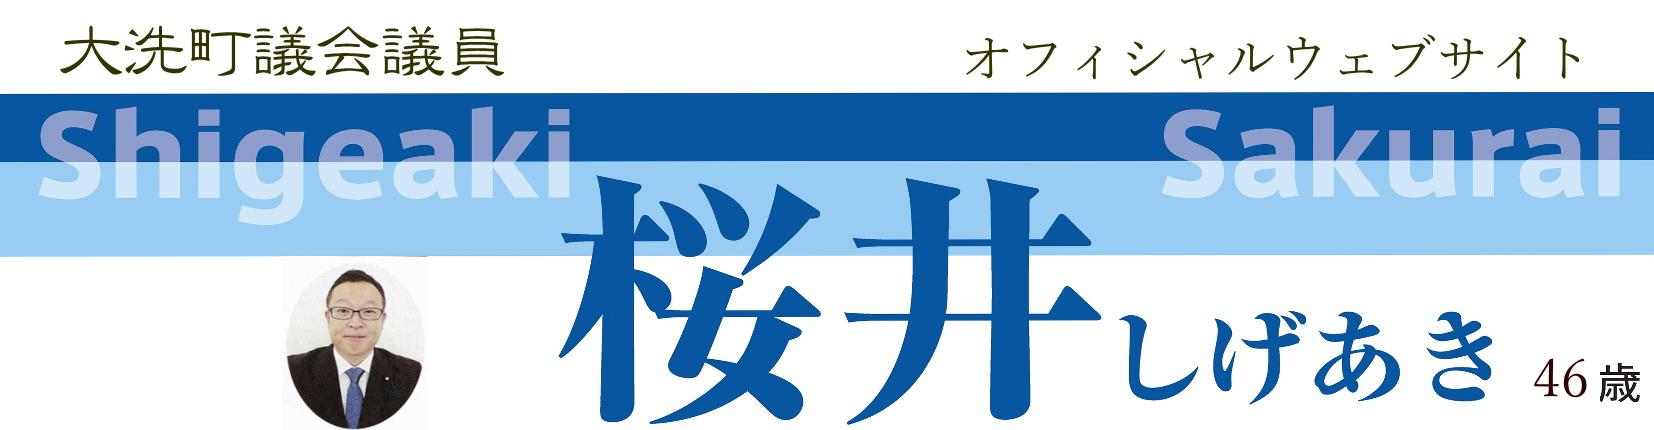 大洗町議会議員 桜井しげあき(櫻井重明) オフィシャルサイト